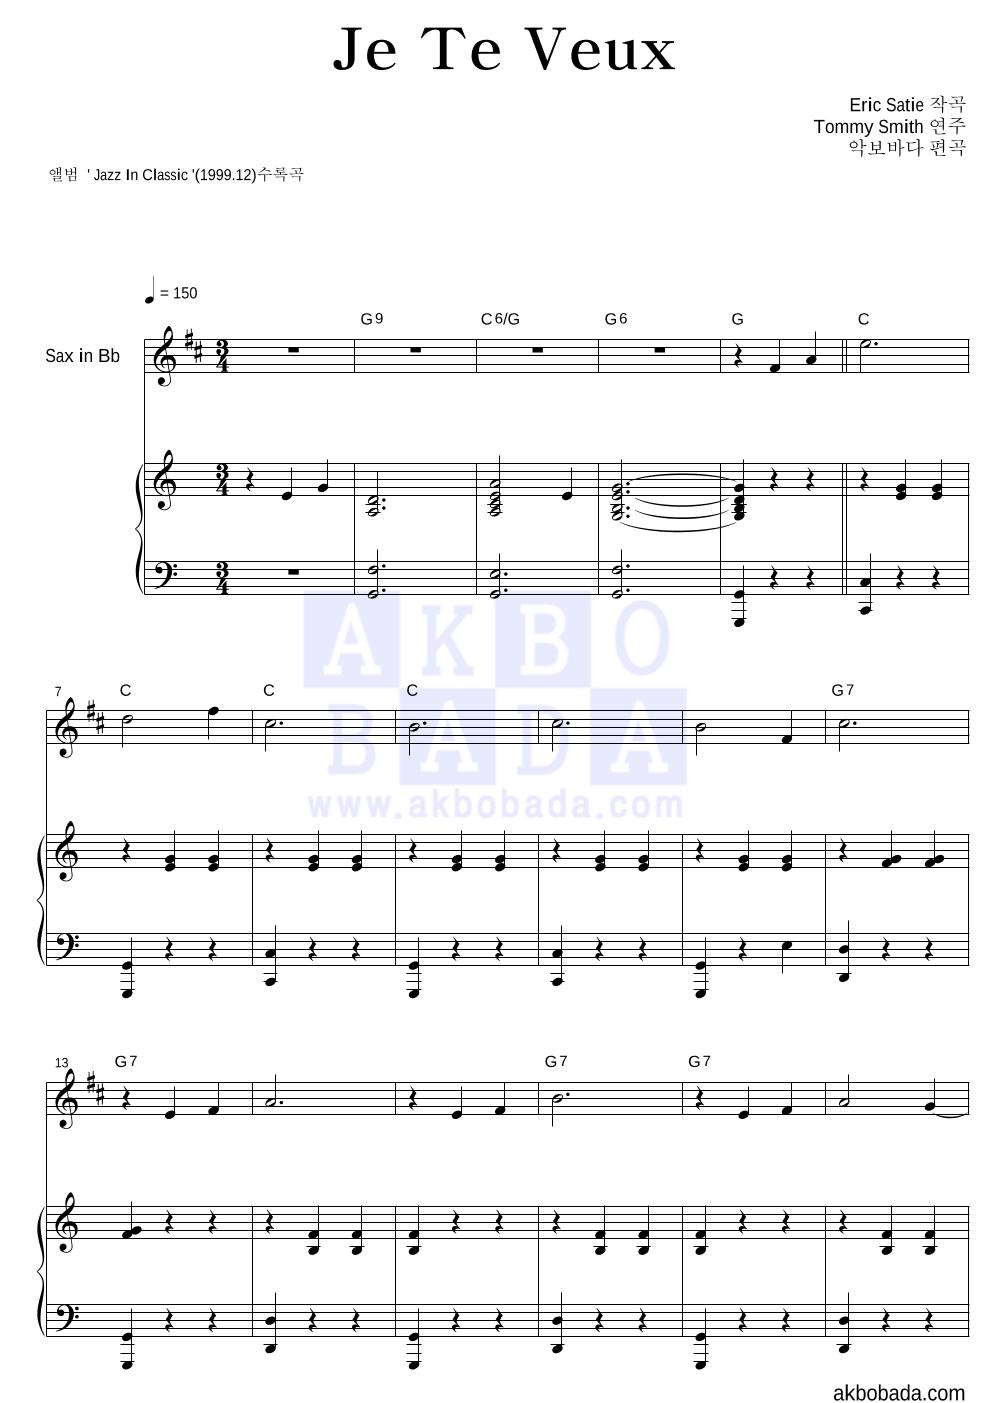 에릭 사티 - Je Te Veux Bb색소폰&피아노 악보